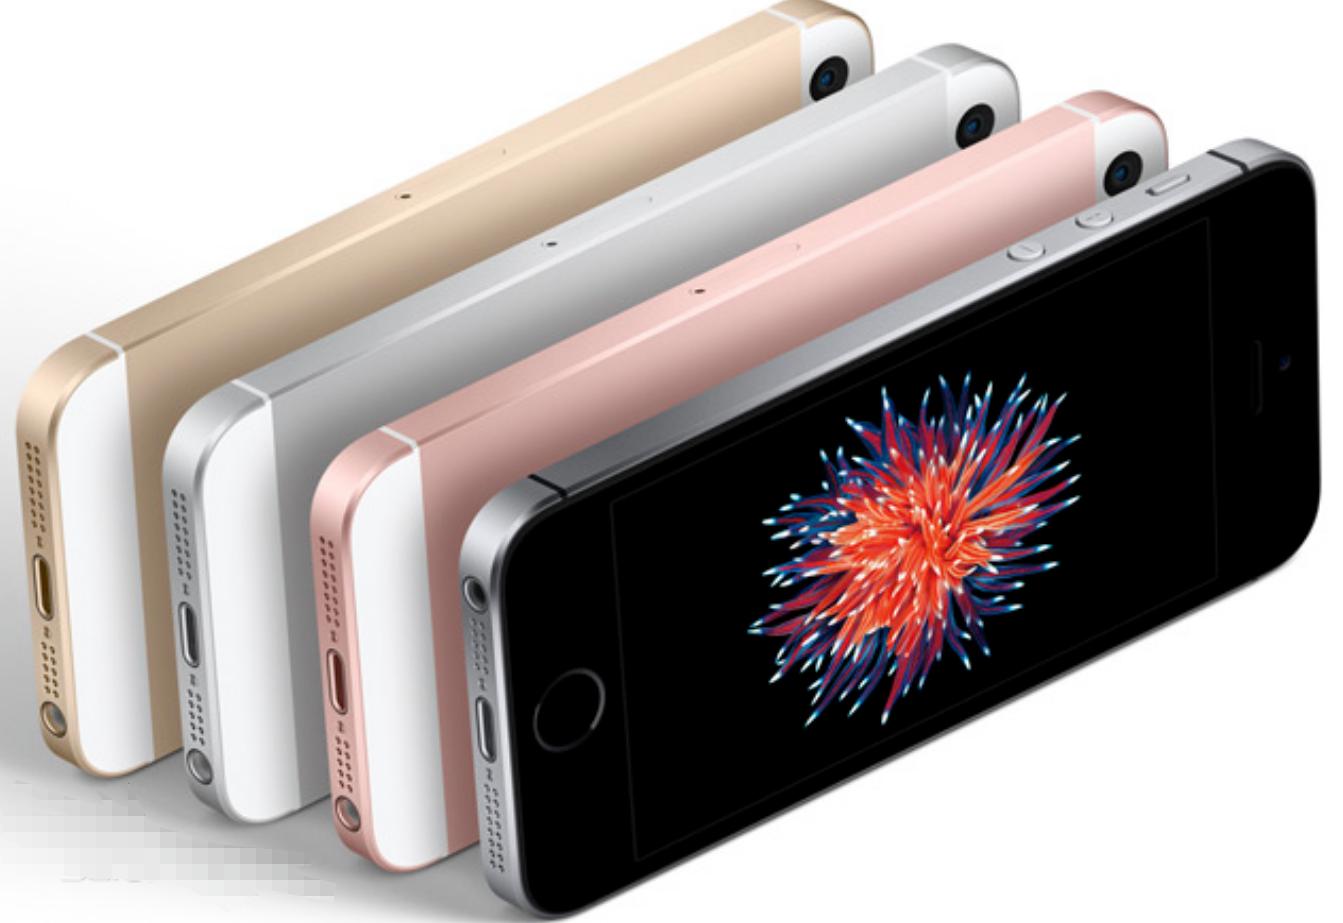 郭明錤:苹果iPhone SE 2屏幕供应商依然是LG